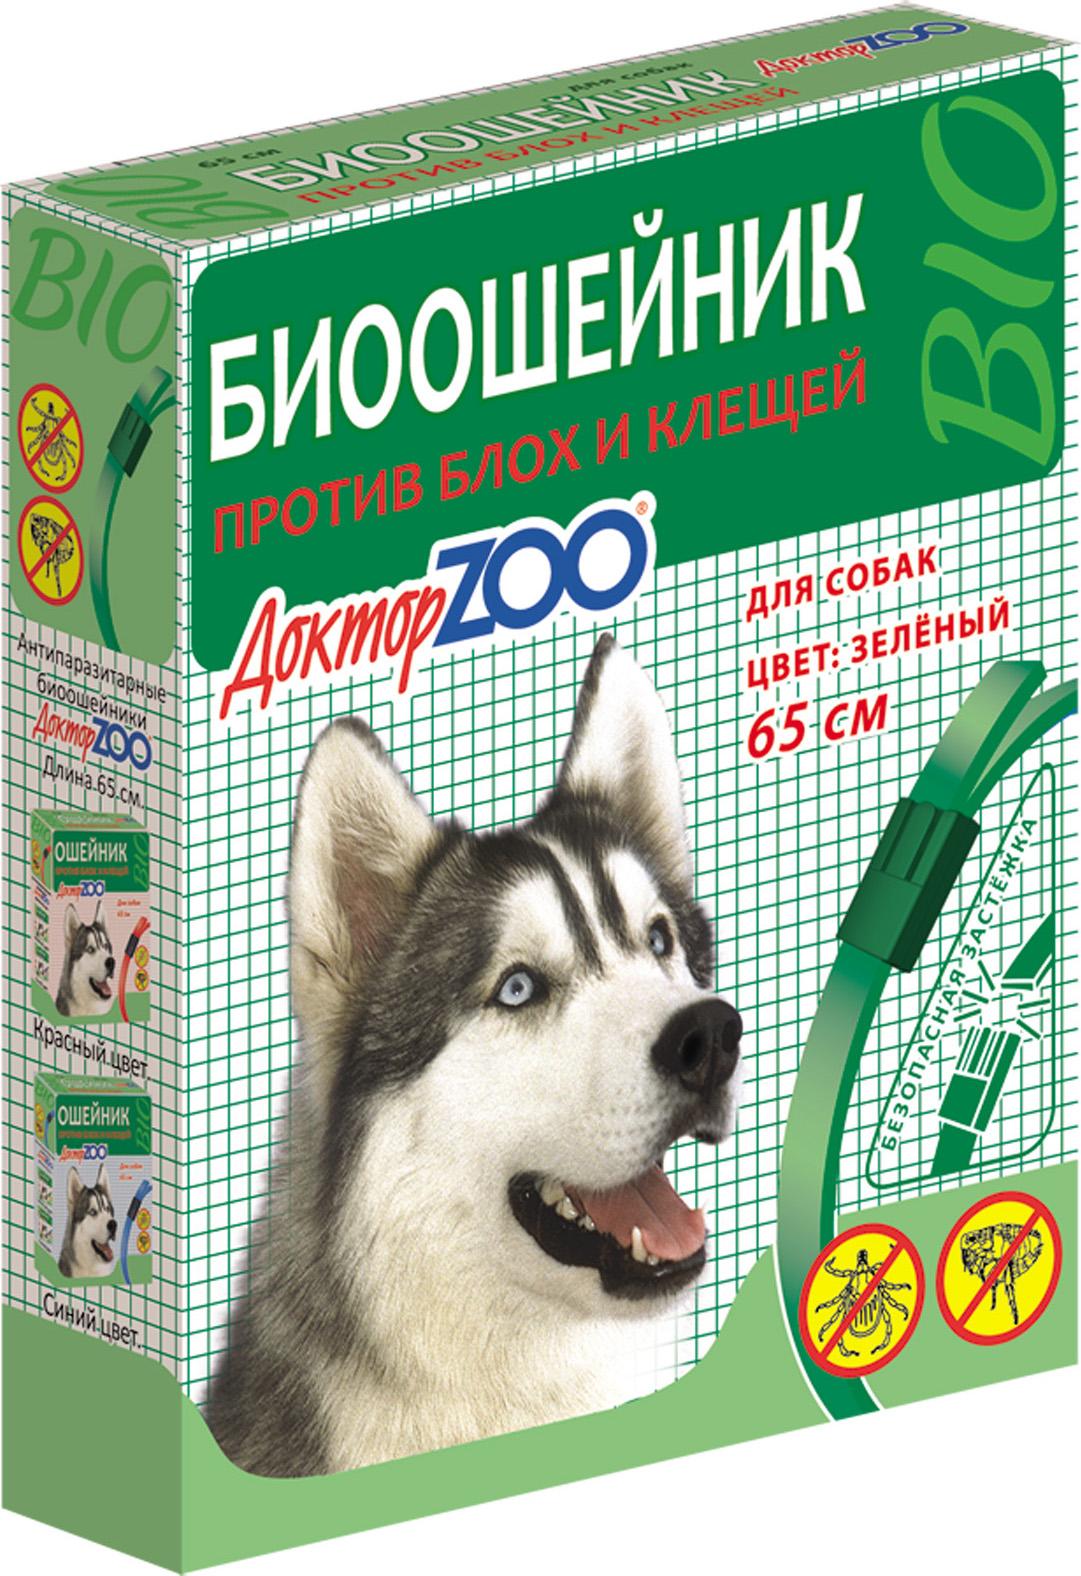 БИОошейник Доктор ZOO для собак, от блох и клещей, зеленый, 65 см доктор zoo витамины оптом в нижнем новгороде